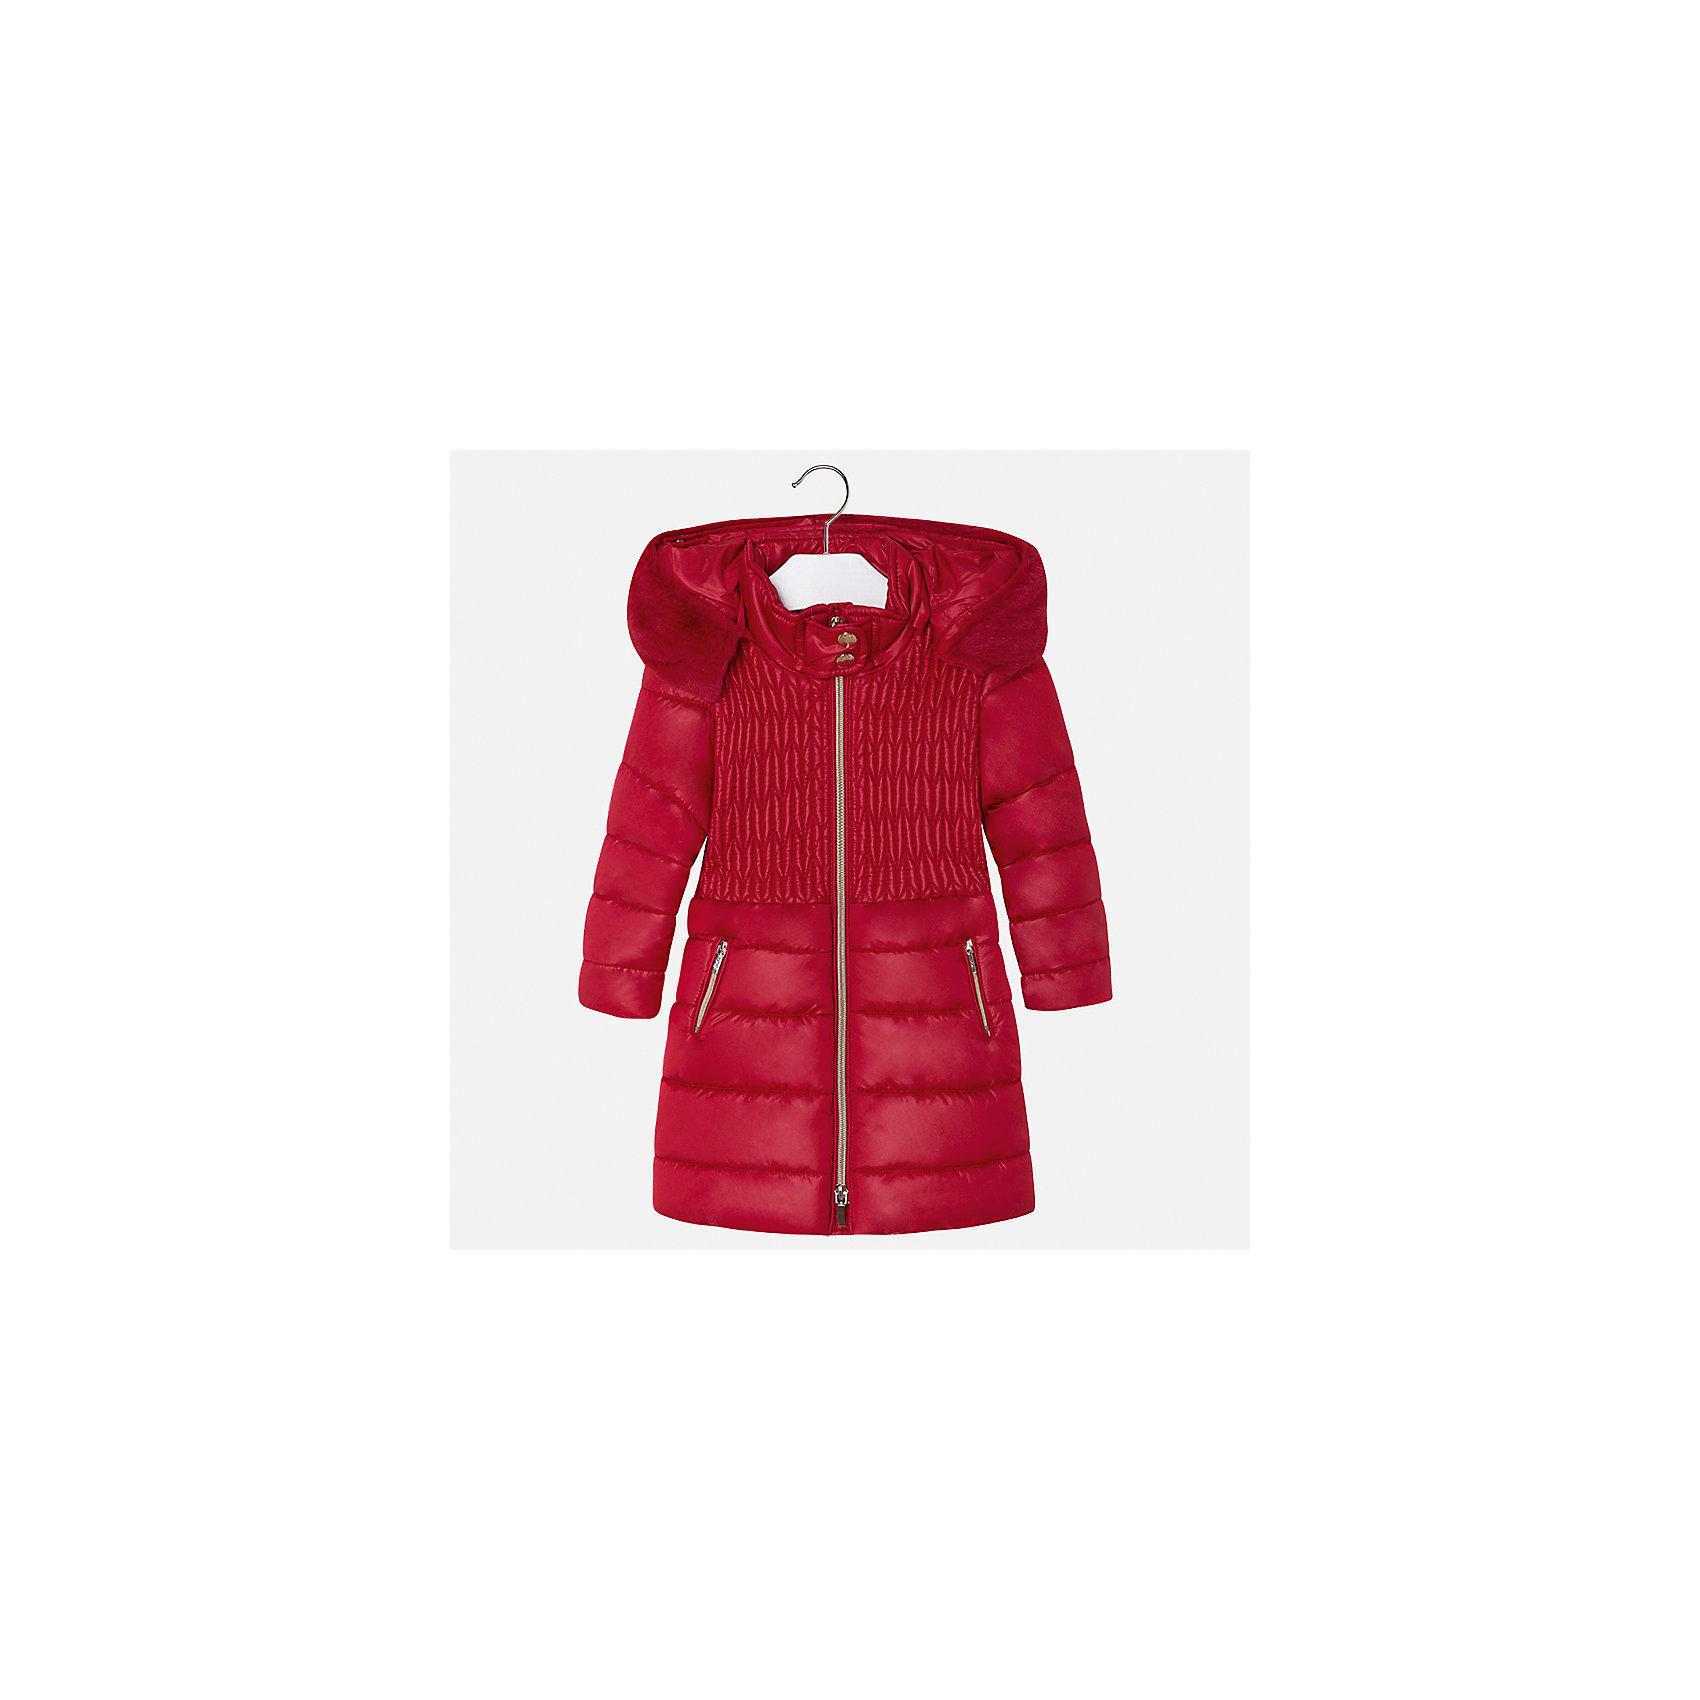 Куртка Mayoral для девочкиДемисезонные куртки<br>Характеристики товара:<br><br>• цвет: красный<br>• состав ткани: 100% полиэстер, подклад - 100% полиэстер, утеплитель - 100% полиэстер<br>• застежка: молния<br>• съемный капюшон<br>• карманы<br>• сезон: демисезон<br>• температурный режим: от 0 до -10С<br>• страна бренда: Испания<br>• страна изготовитель: Китай<br><br>Эффектная красная куртка обеспечит ребенку тепло в межсезонье и небольшие морозы. Капюшон не ней отстегивается. Куртка от Mayoral соответствует новейшим тенденциям молодежной моды. <br><br>Детская одежда от испанской компании Mayoral отличаются оригинальным и всегда стильным дизайном. Качество продукции неизменно очень высокое.<br><br>Куртку для девочки Mayoral (Майорал) можно купить в нашем интернет-магазине.<br><br>Ширина мм: 356<br>Глубина мм: 10<br>Высота мм: 245<br>Вес г: 519<br>Цвет: красный<br>Возраст от месяцев: 96<br>Возраст до месяцев: 108<br>Пол: Женский<br>Возраст: Детский<br>Размер: 134,98,104,110,116,122,128<br>SKU: 6924629